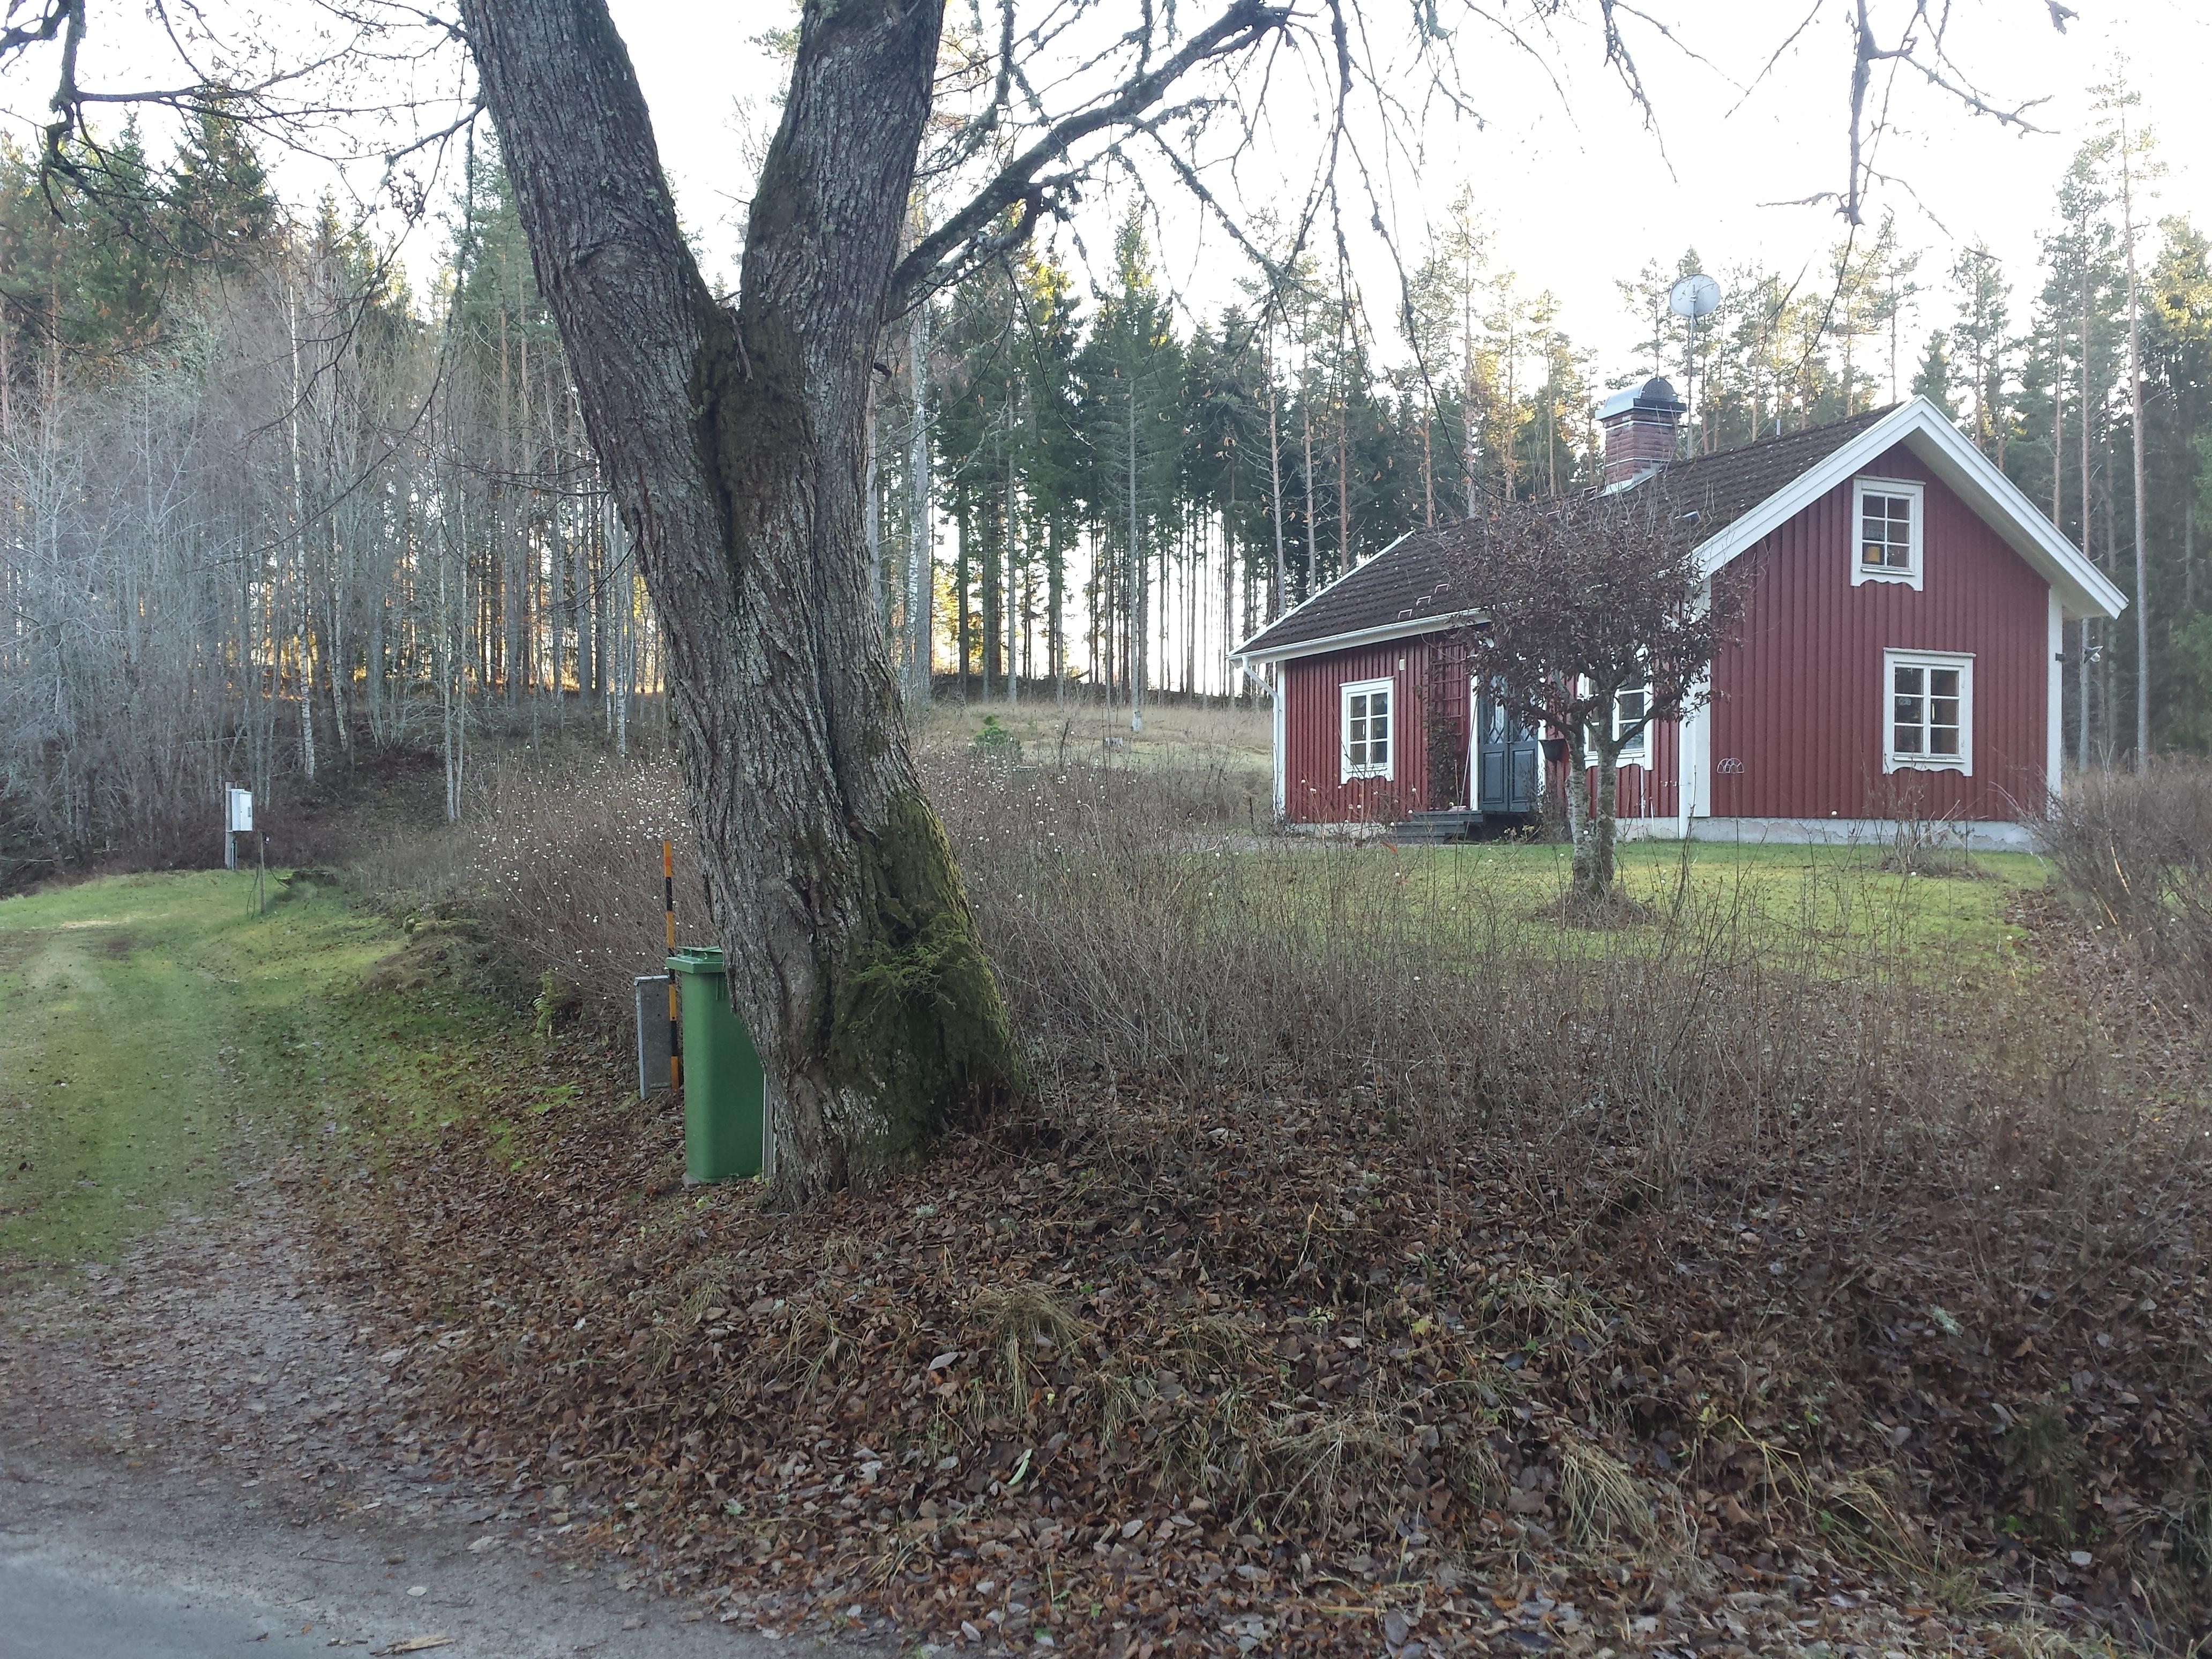 Norkatorpet. Precis ovanför Norkatorpet finns resterna av Björkbacken